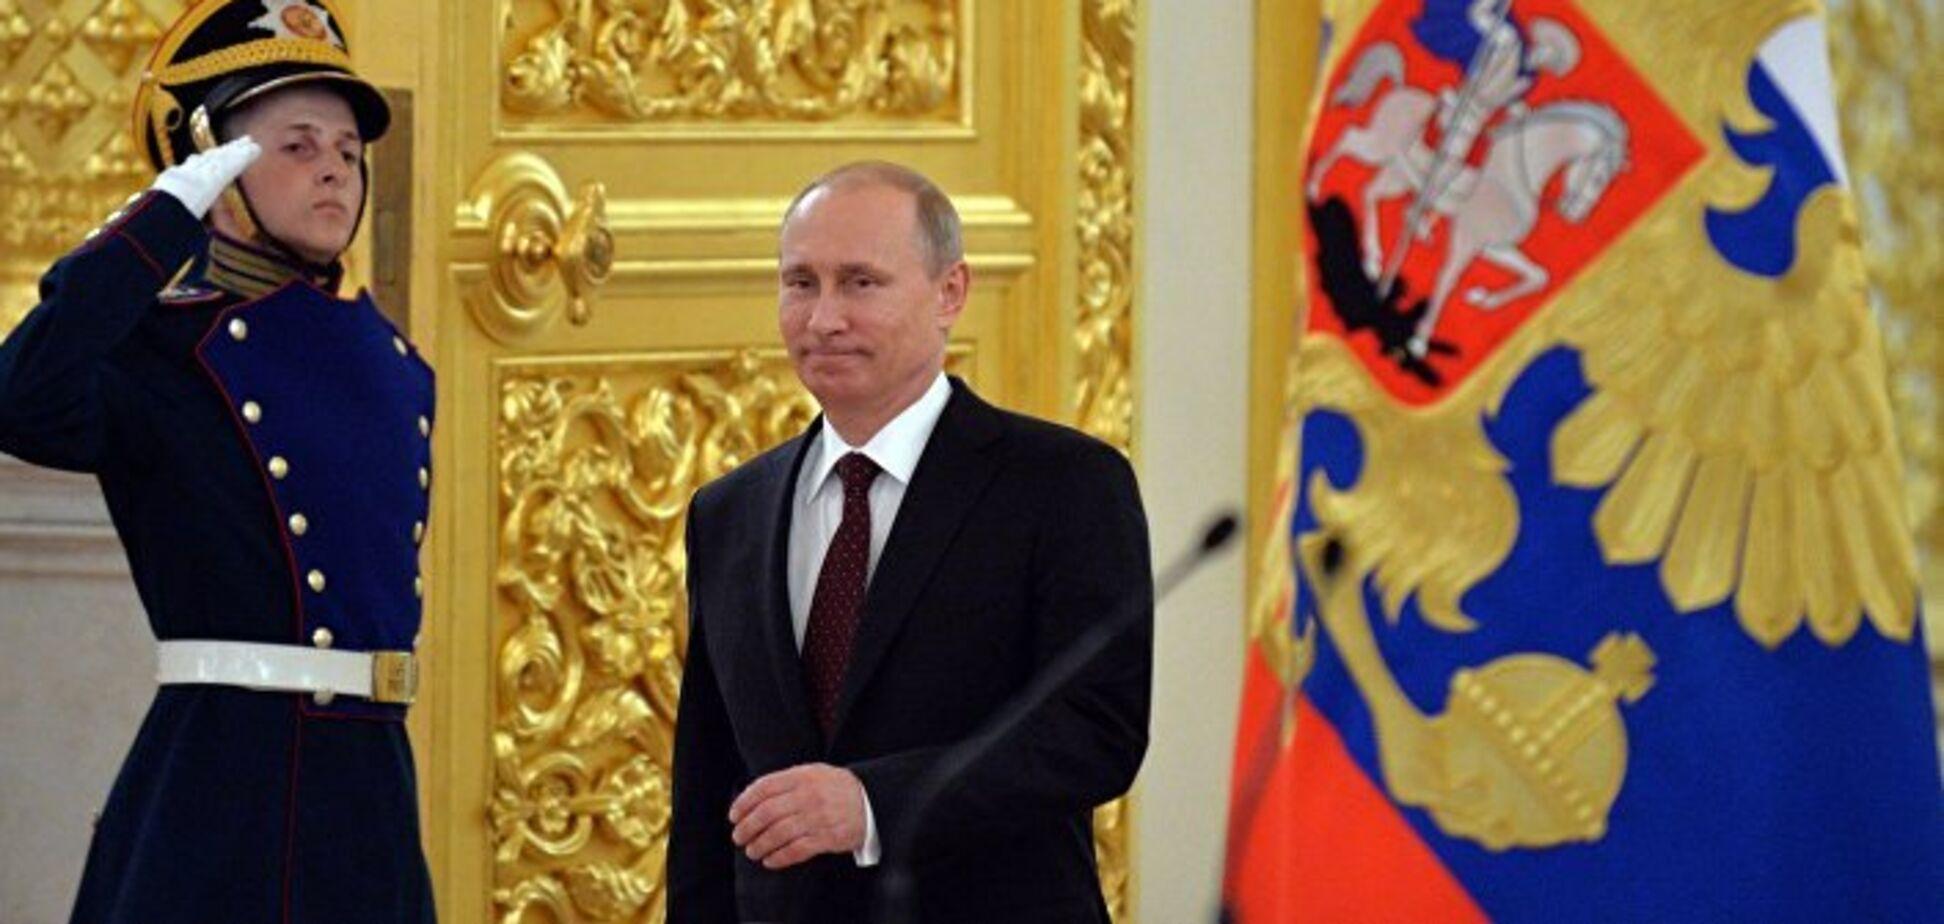 Поглощения Беларуси не будет? Генерал КГБ раскрыл схему Путина сохранения у власти